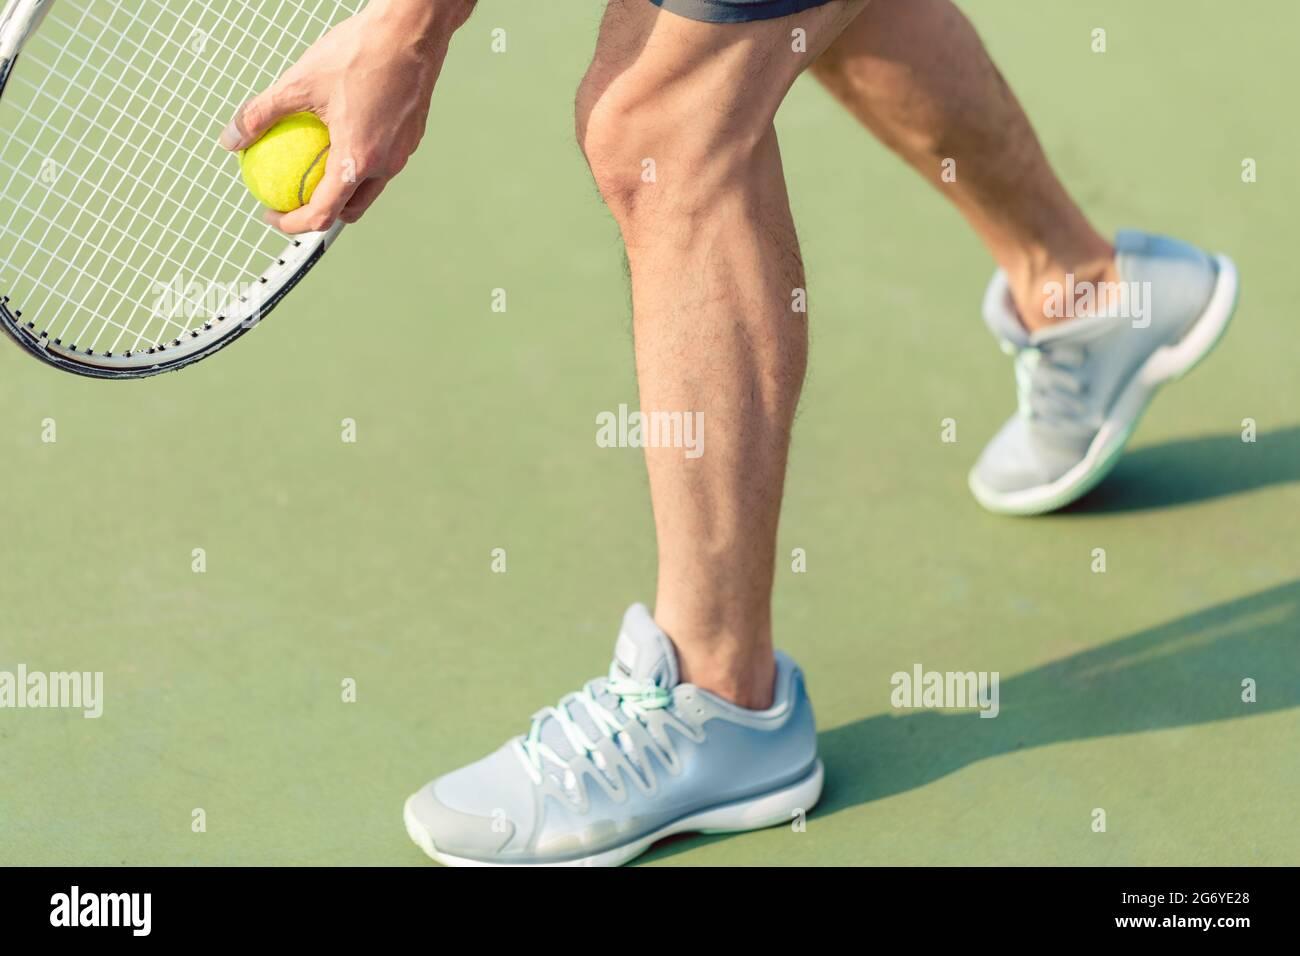 Sección baja de un jugador profesional que lleva calzado deportivo gris mientras sujeta la pelota y la raqueta de tenis durante el partido sobre una superficie verde Foto de stock